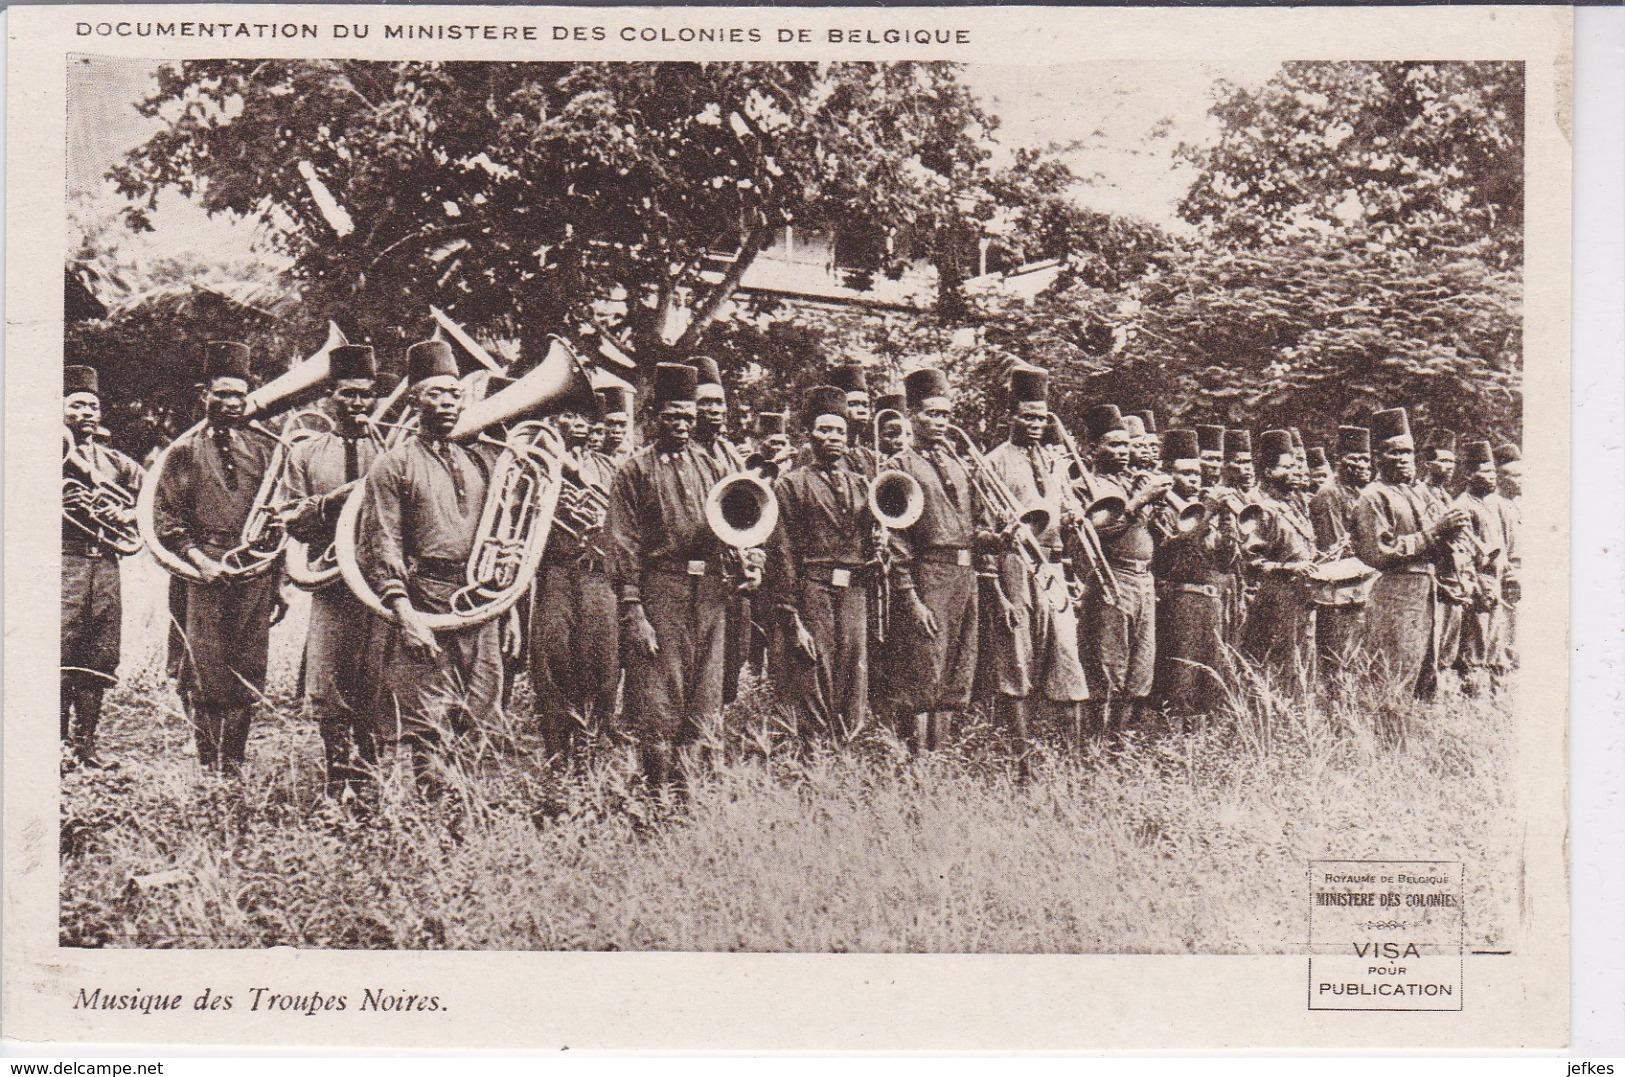 Musique Des Troupes Noires. Documentation Du Ministère Des Colonies De Belgique - Congo Belge - Autres